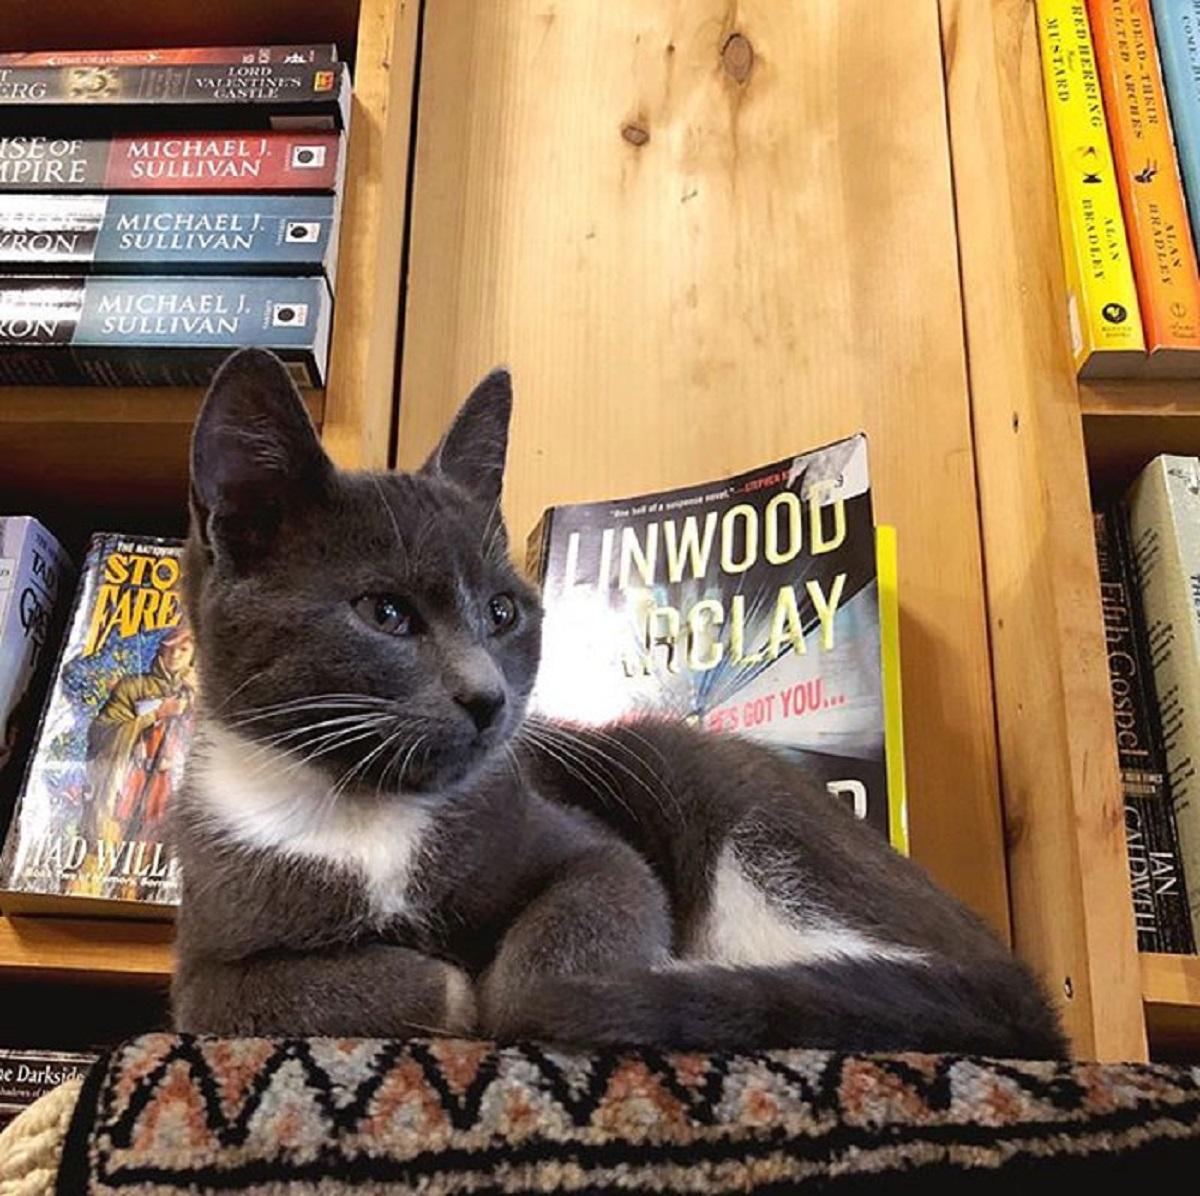 otis clementines books coffee cats 5e3145c020c96  700 - Livraria no Canadá conta com gatinhos andando livremente para serem adotados!